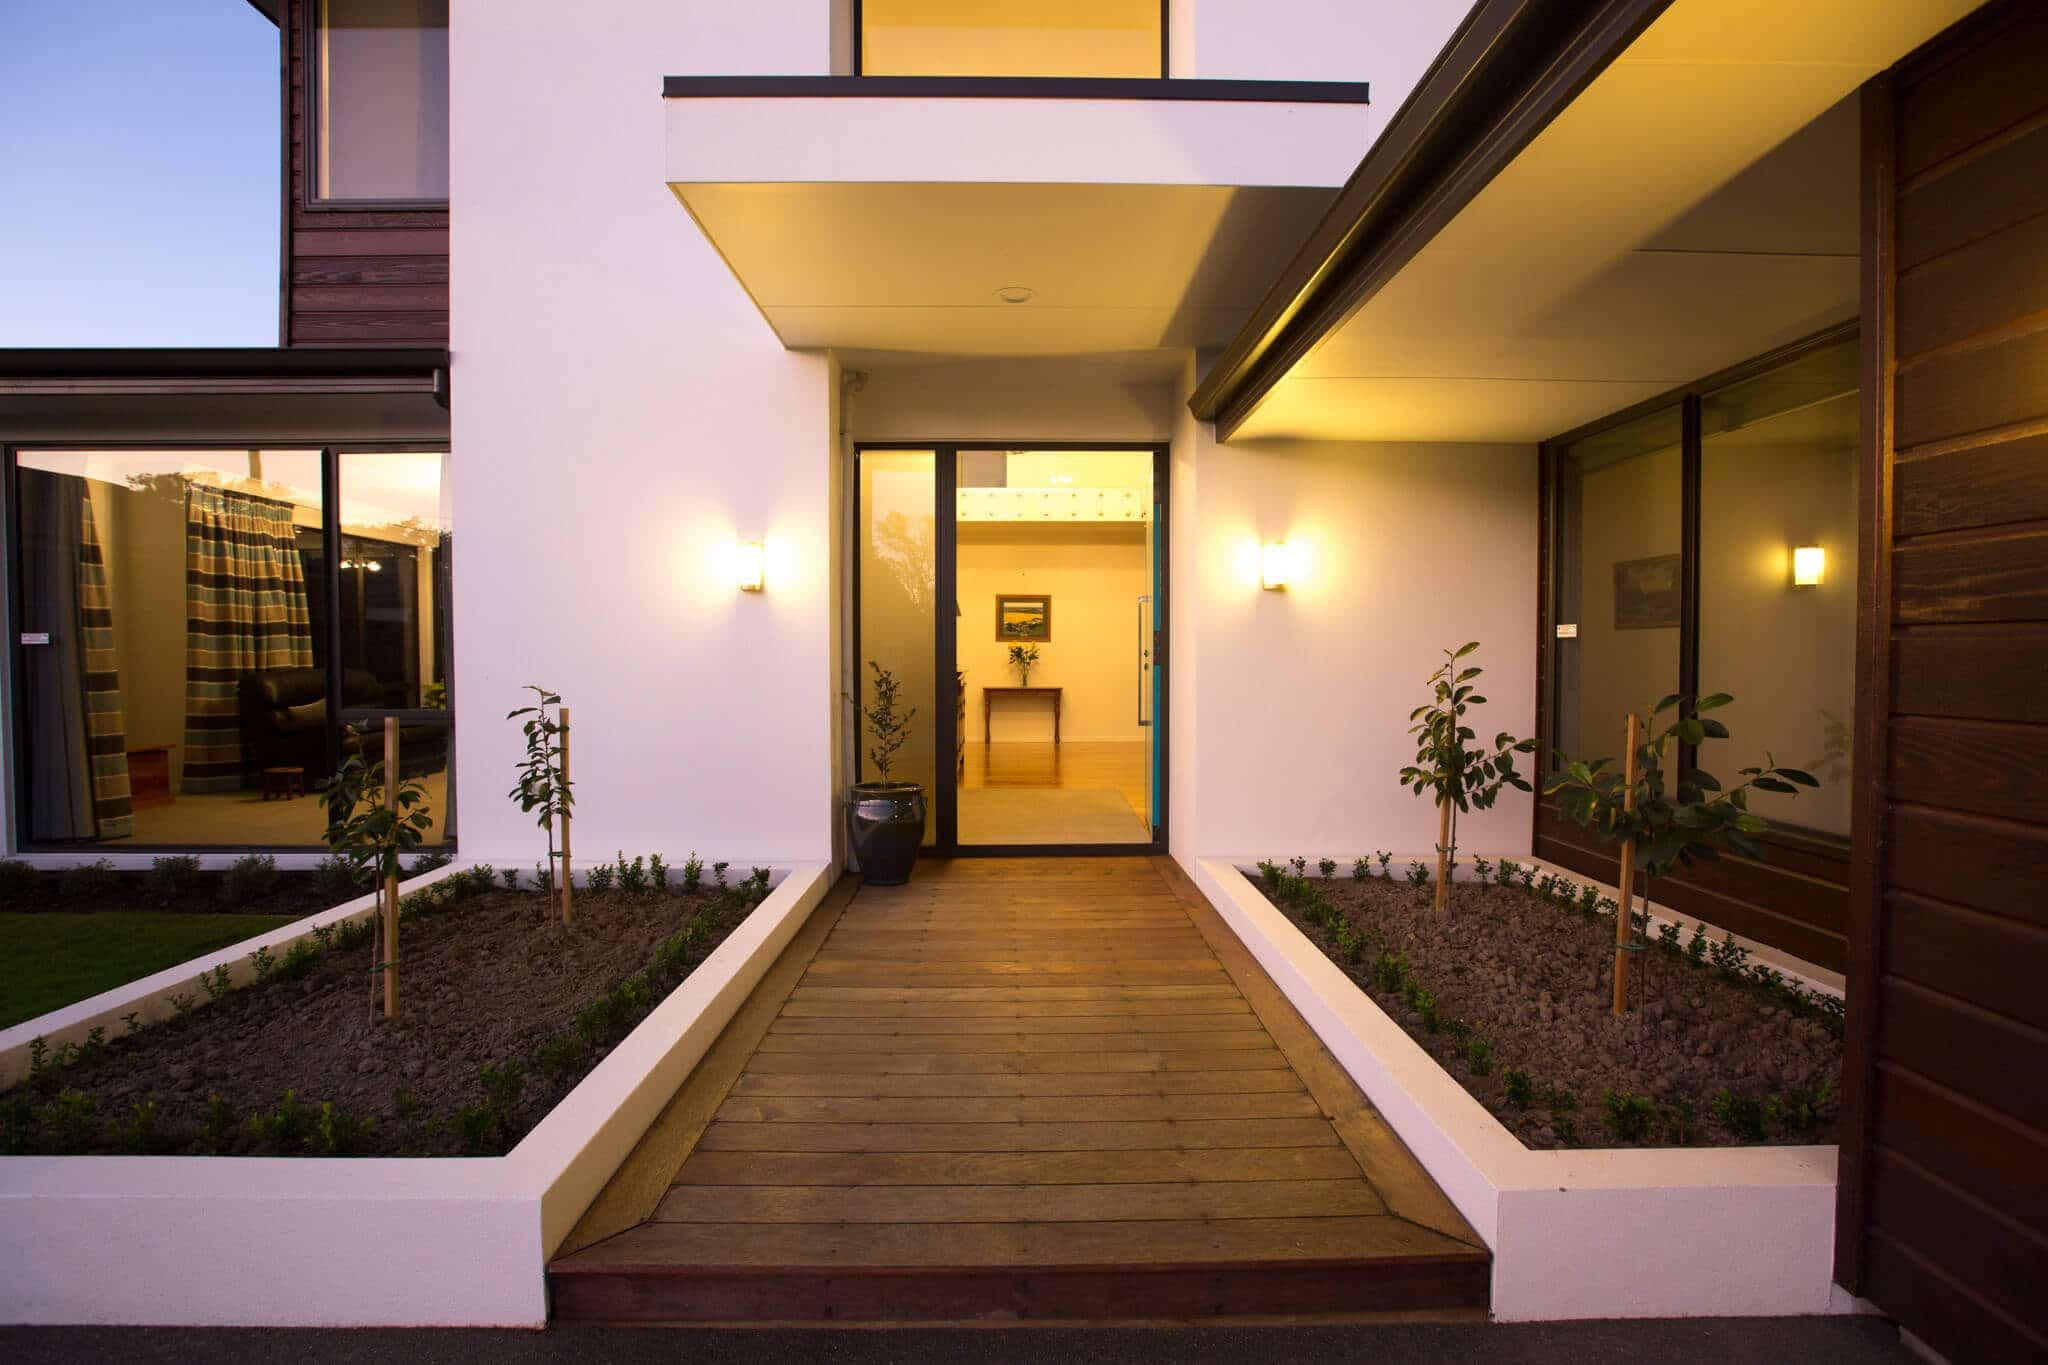 Stoddart House